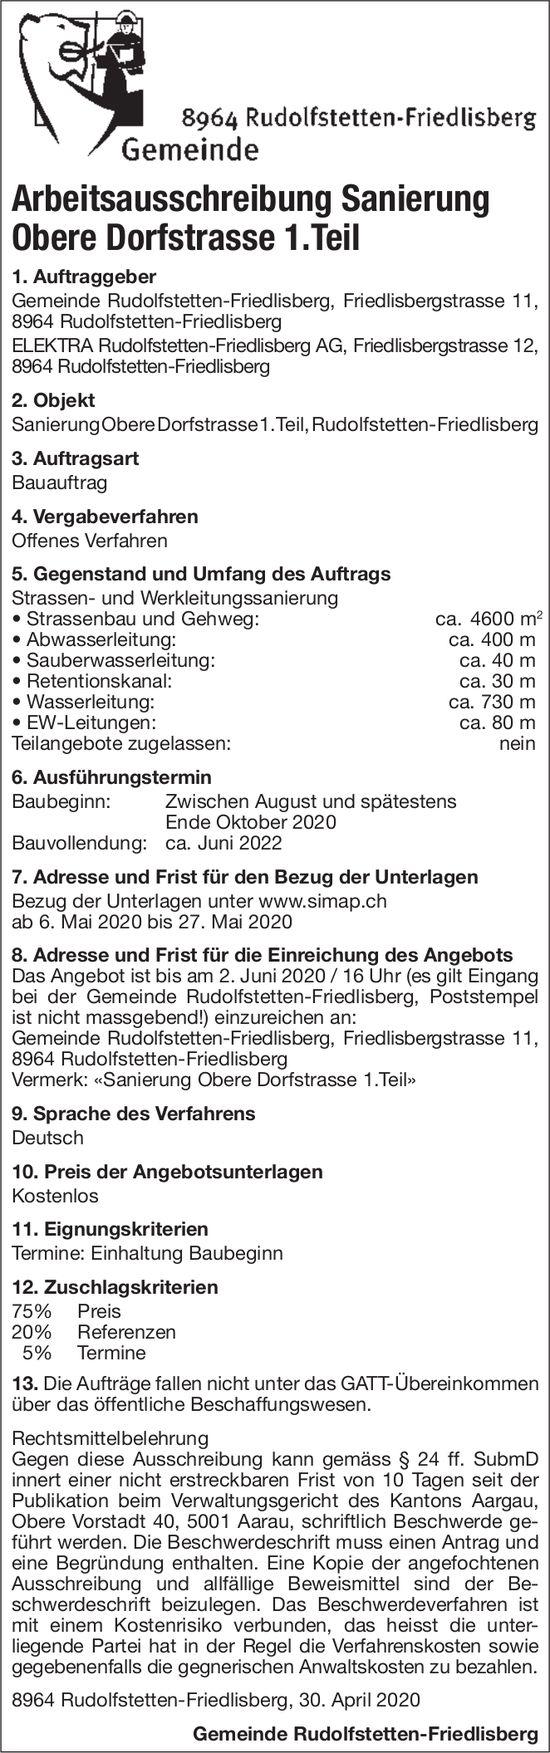 Arbeitsausschreibung Sanierung Obere Dorfstrasse 1.Teil